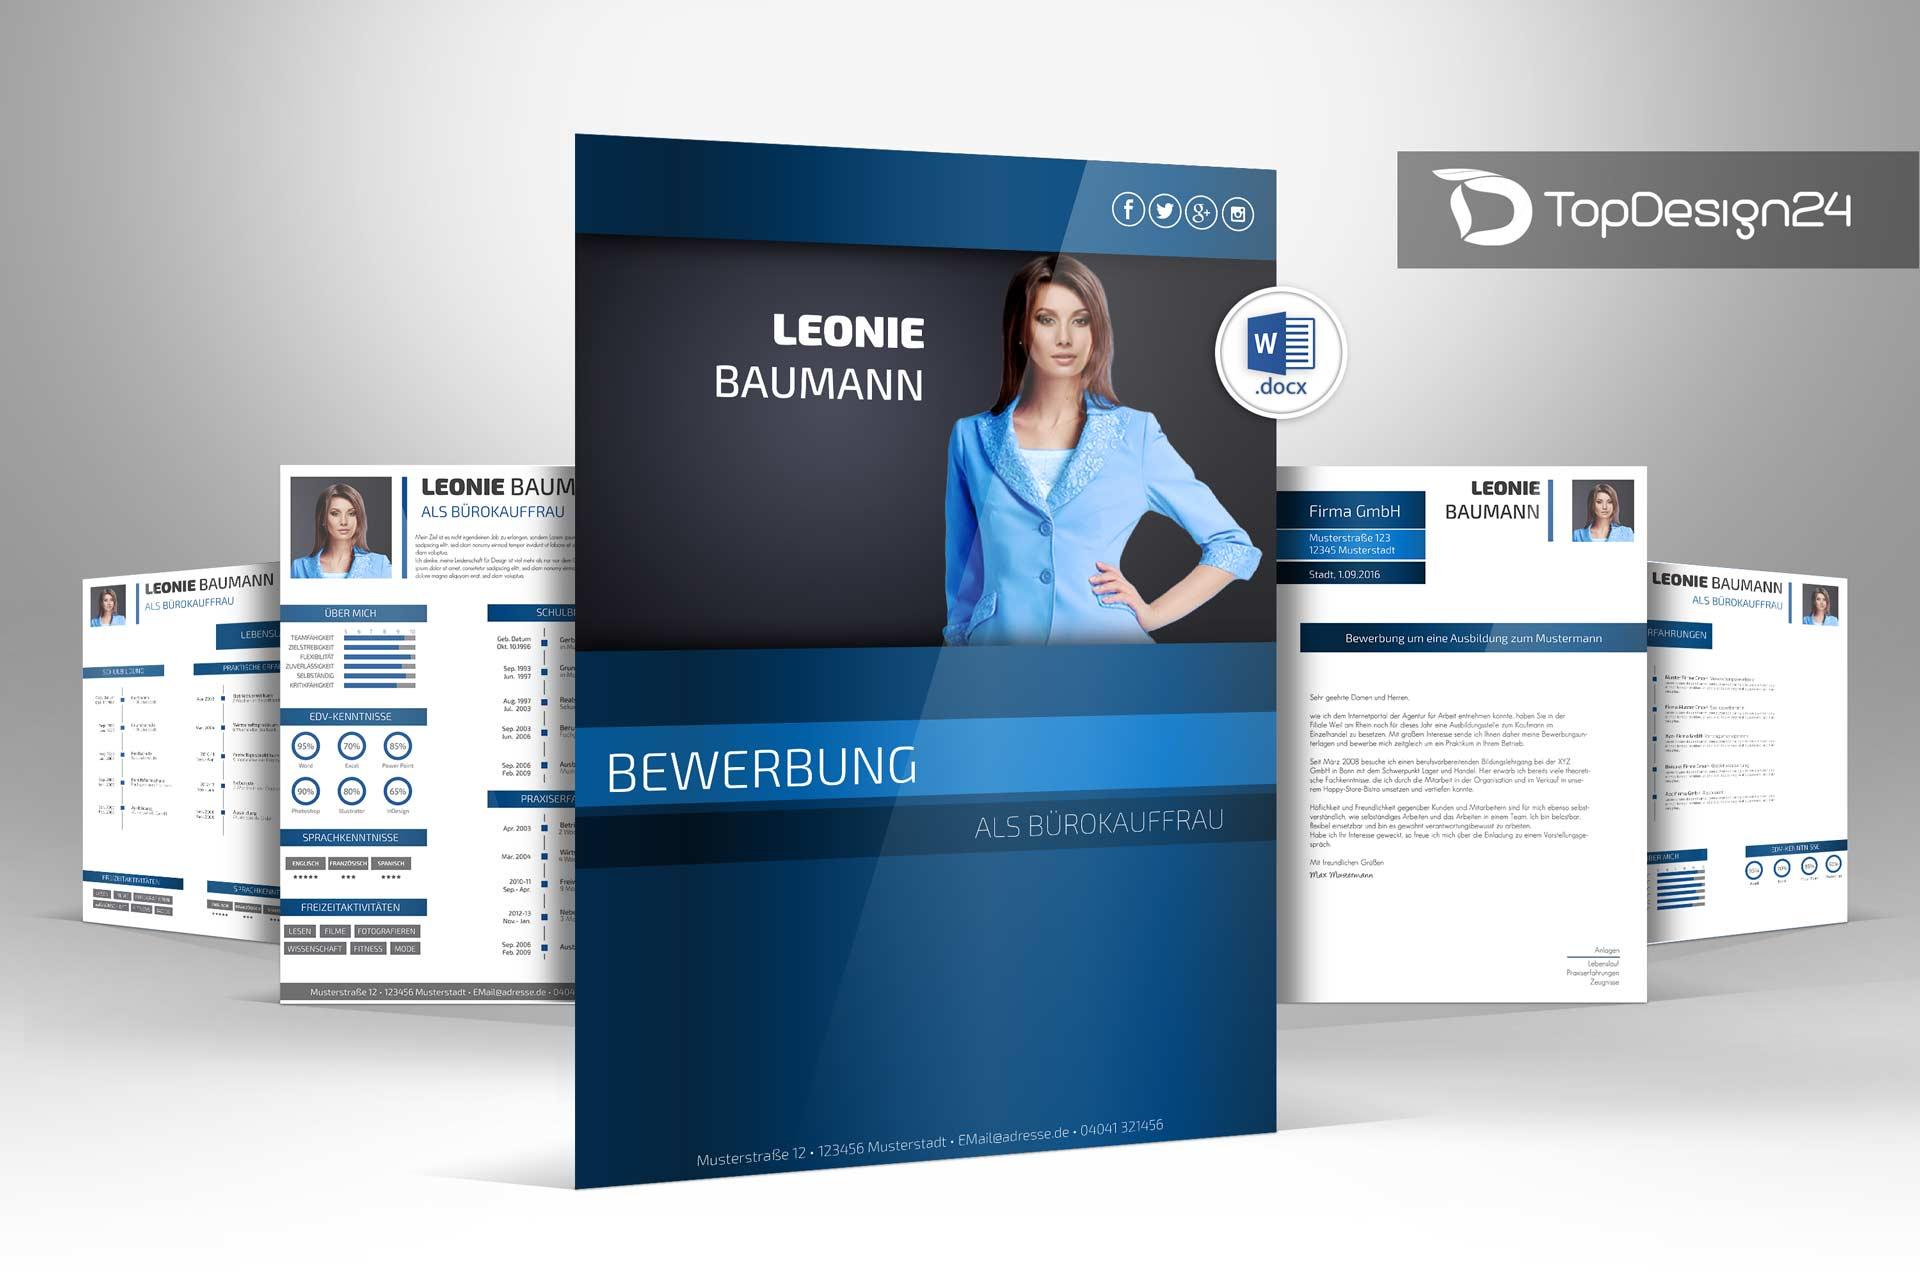 Bewerbung Design Word Topdesign24 Bewerbungsvorlagen